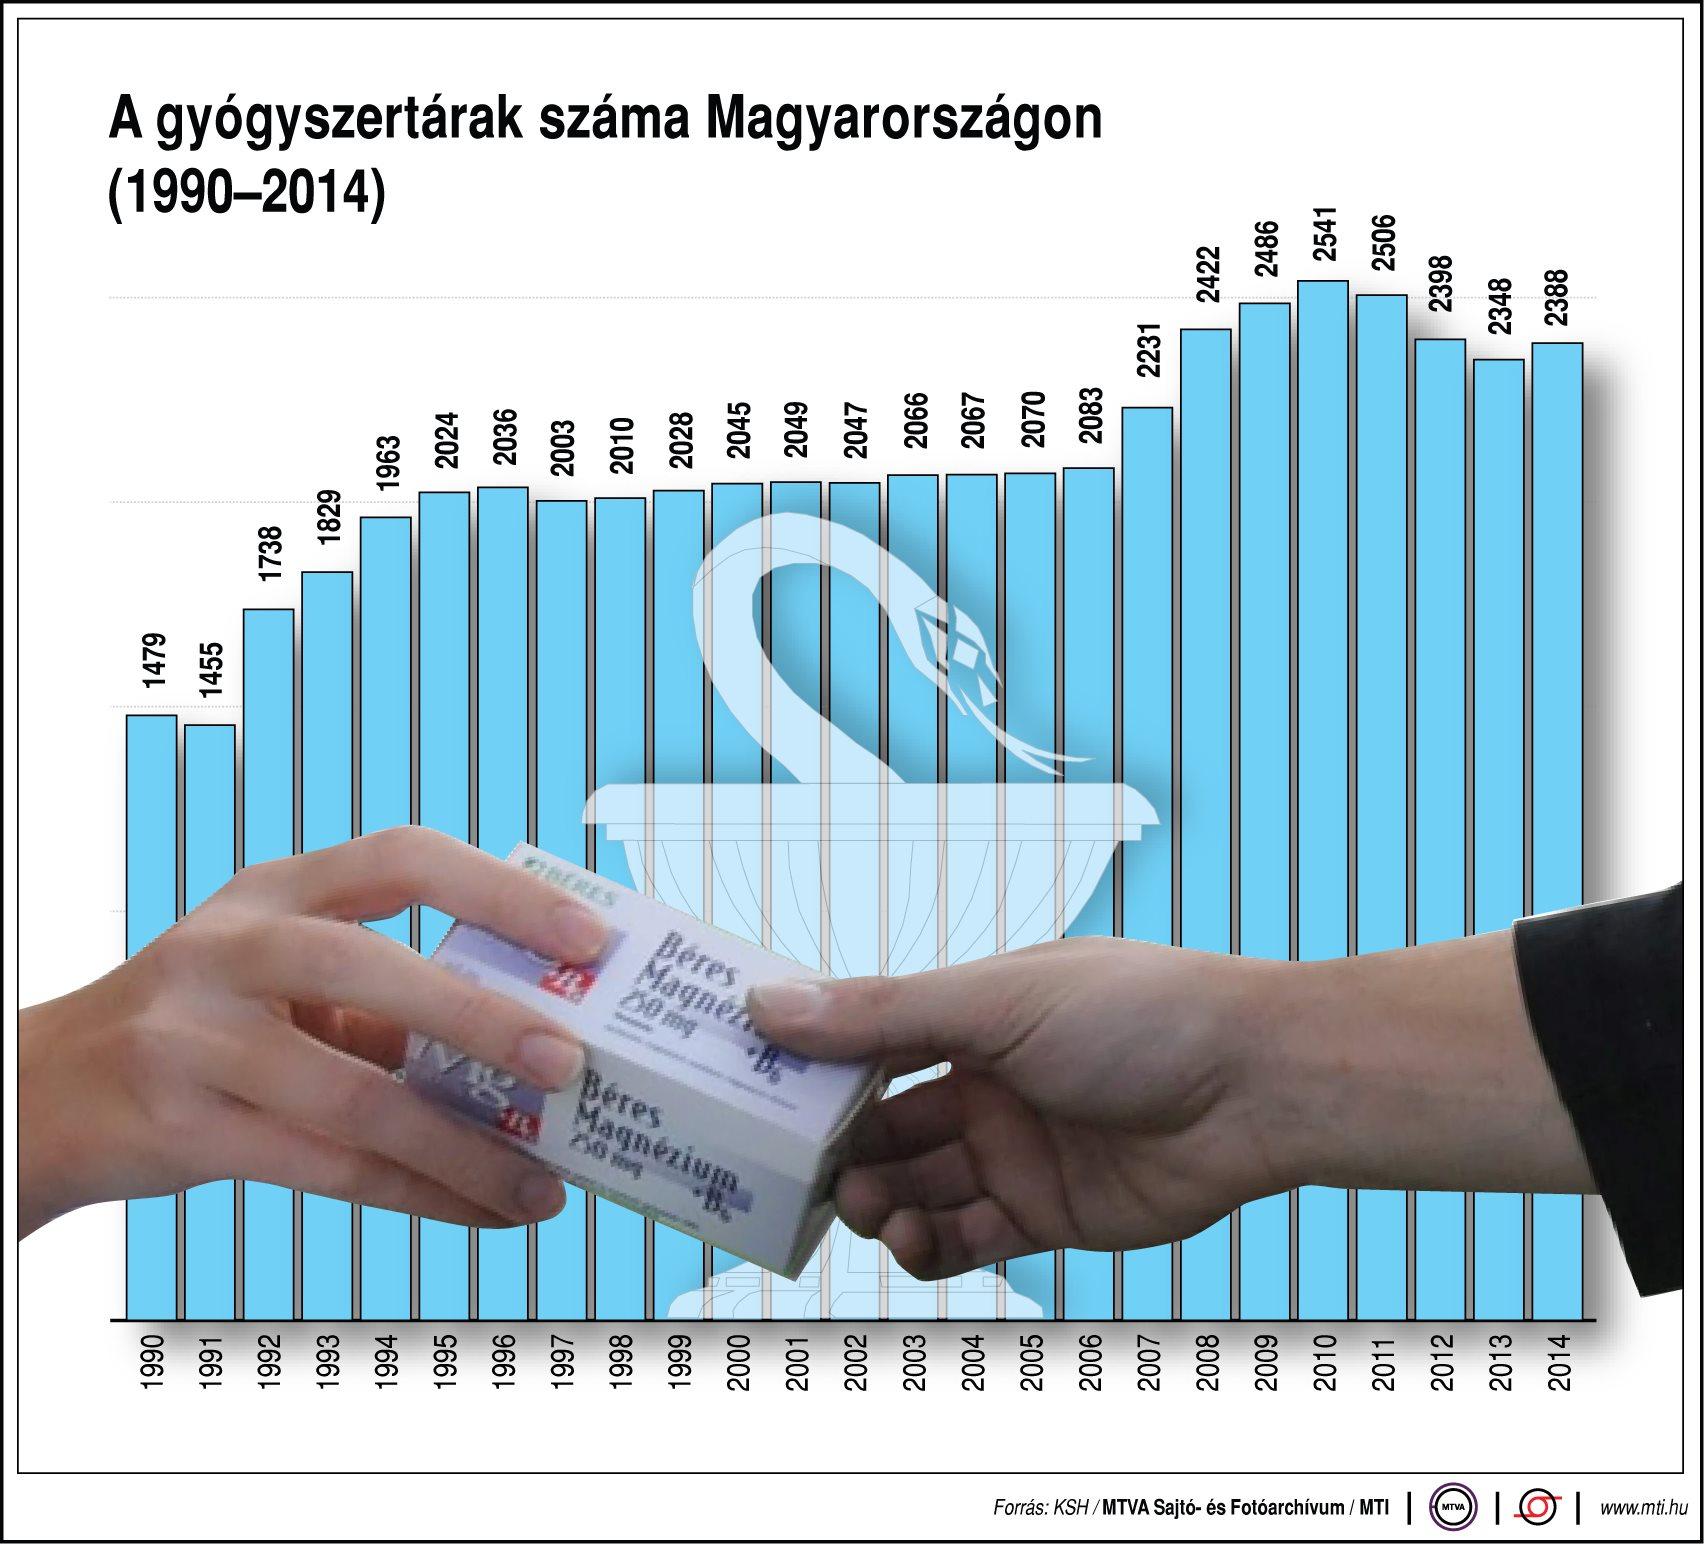 Mégis hány gyógyszertár van Magyarországon? - ábra